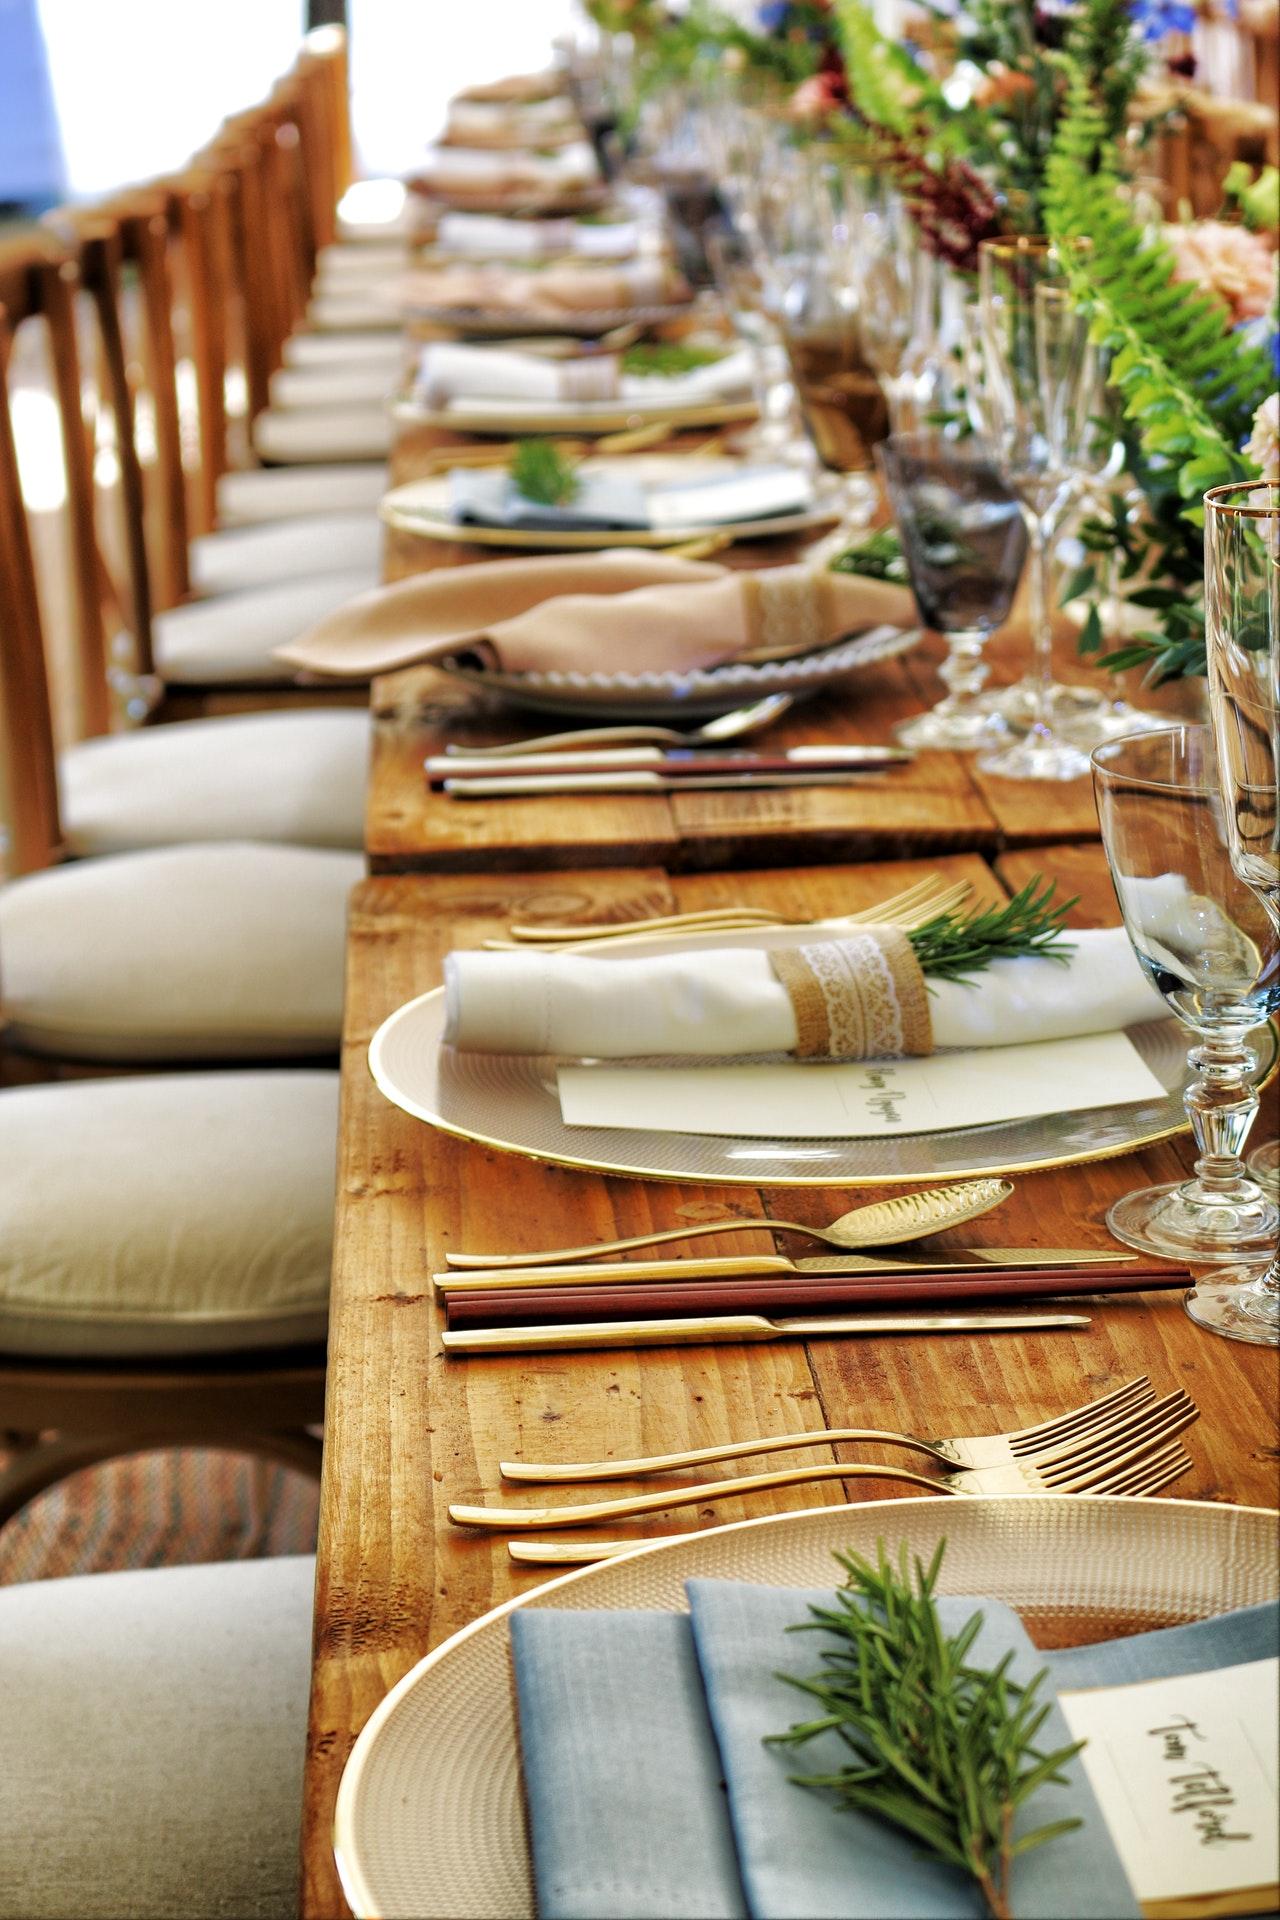 Dæk bordet med en bordløber og pynt: Sådan gør du klar til fest